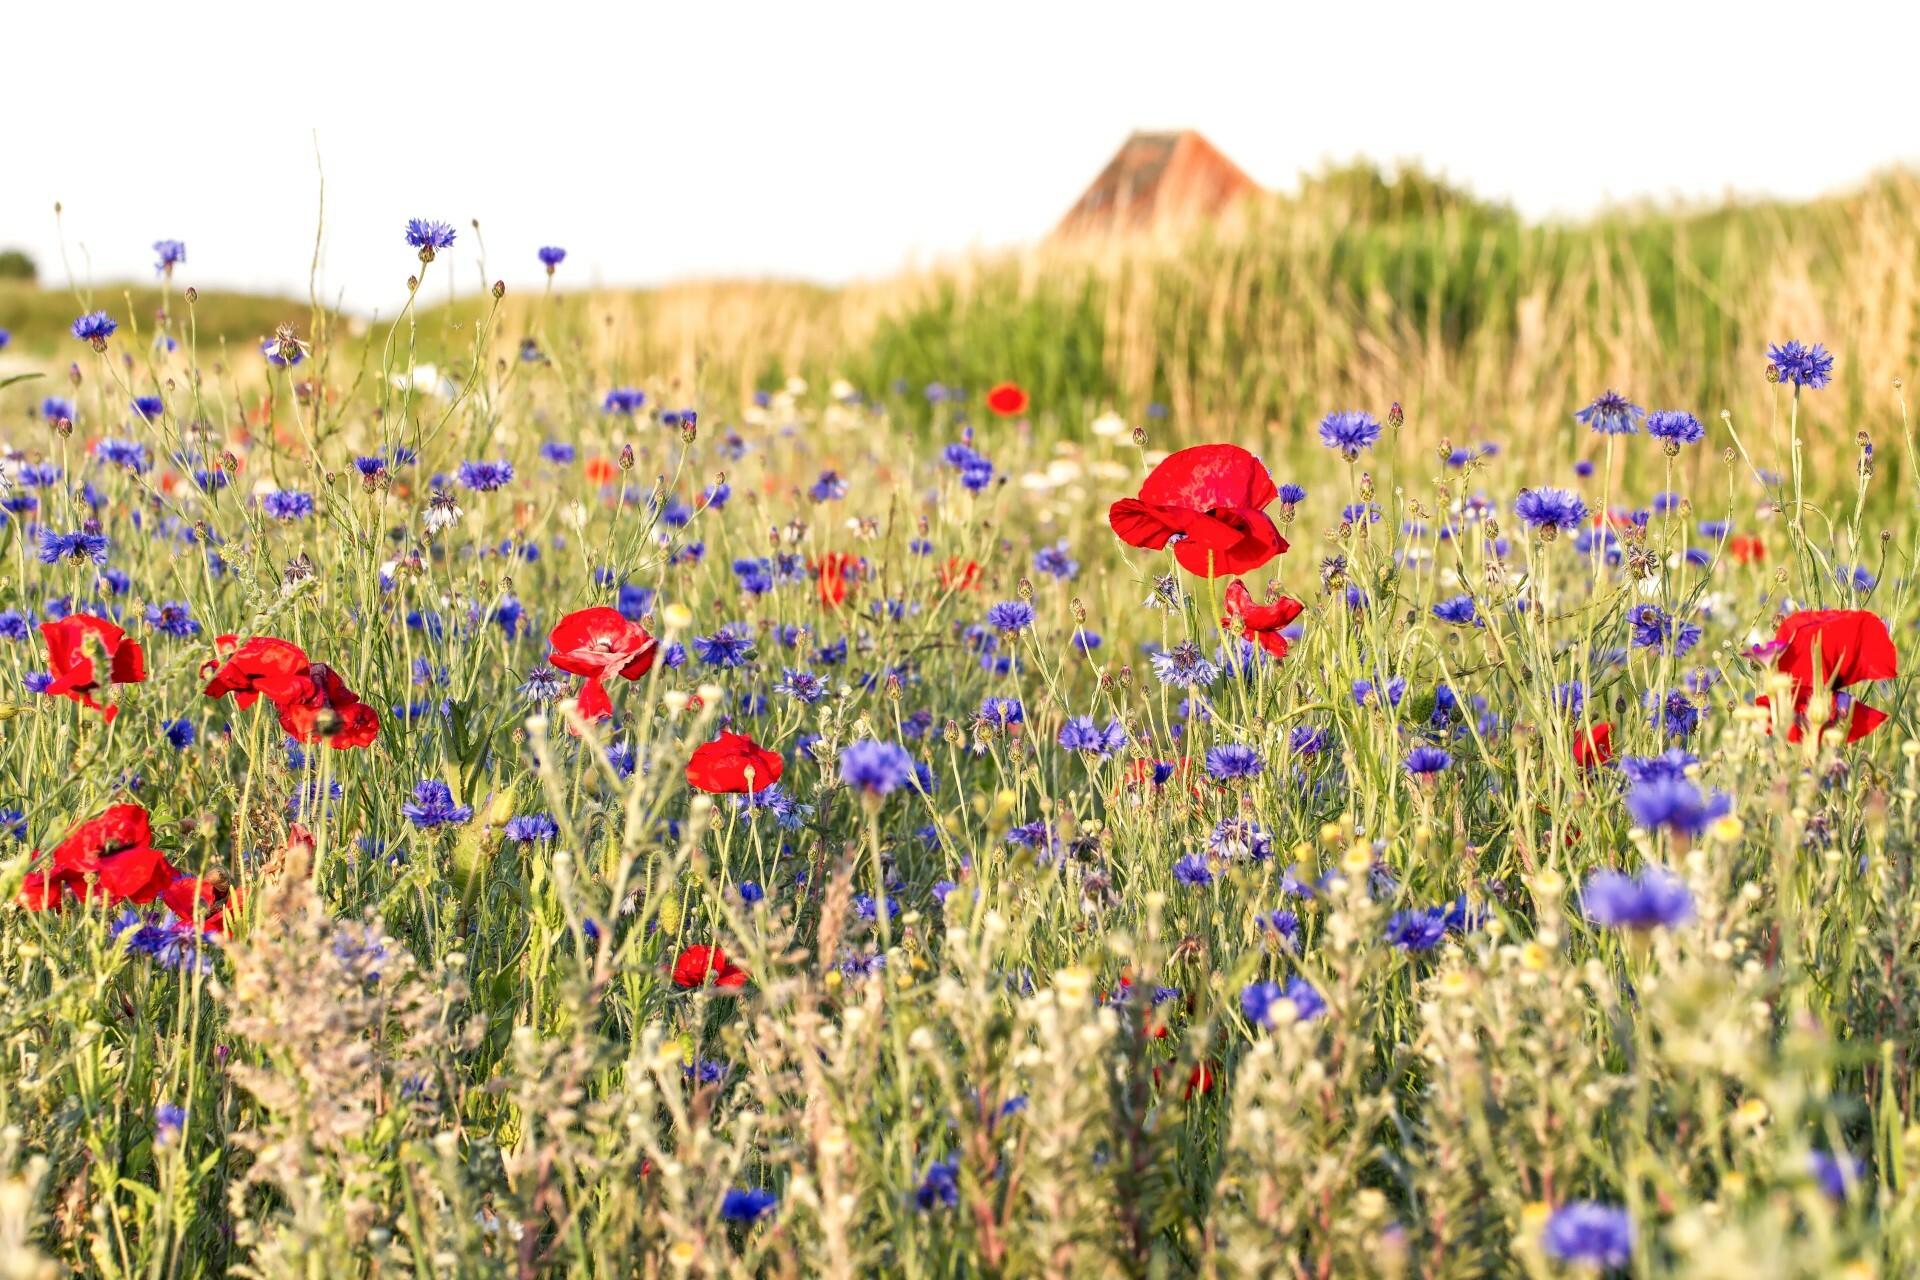 Wilde bloemen in het weiland VVV Texel fotograaf Justin Sinner